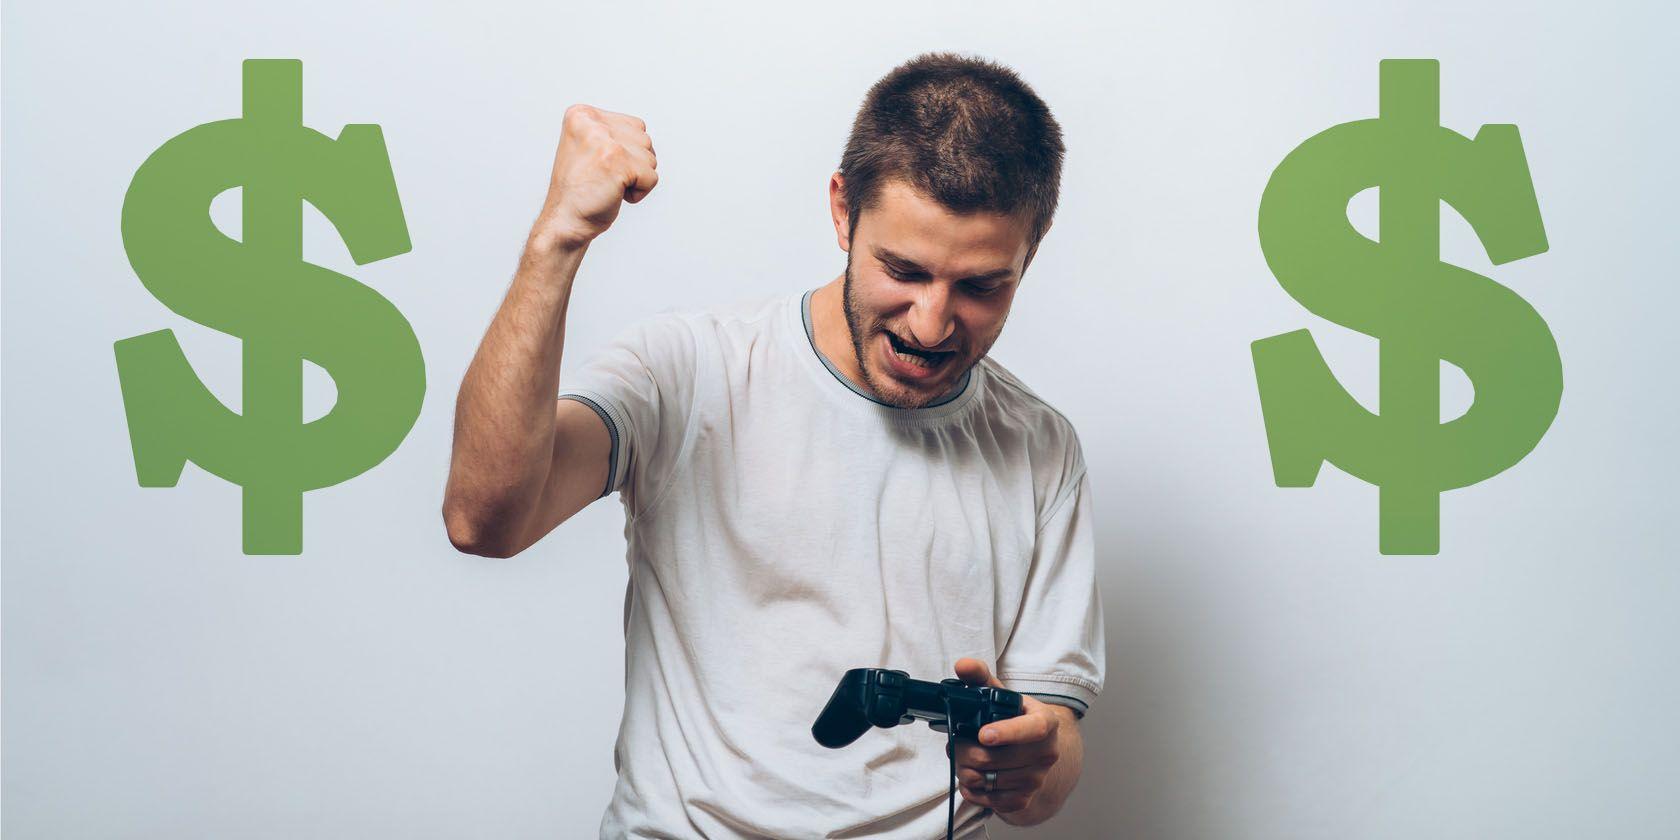 7 Ways to Make Money Playing Games